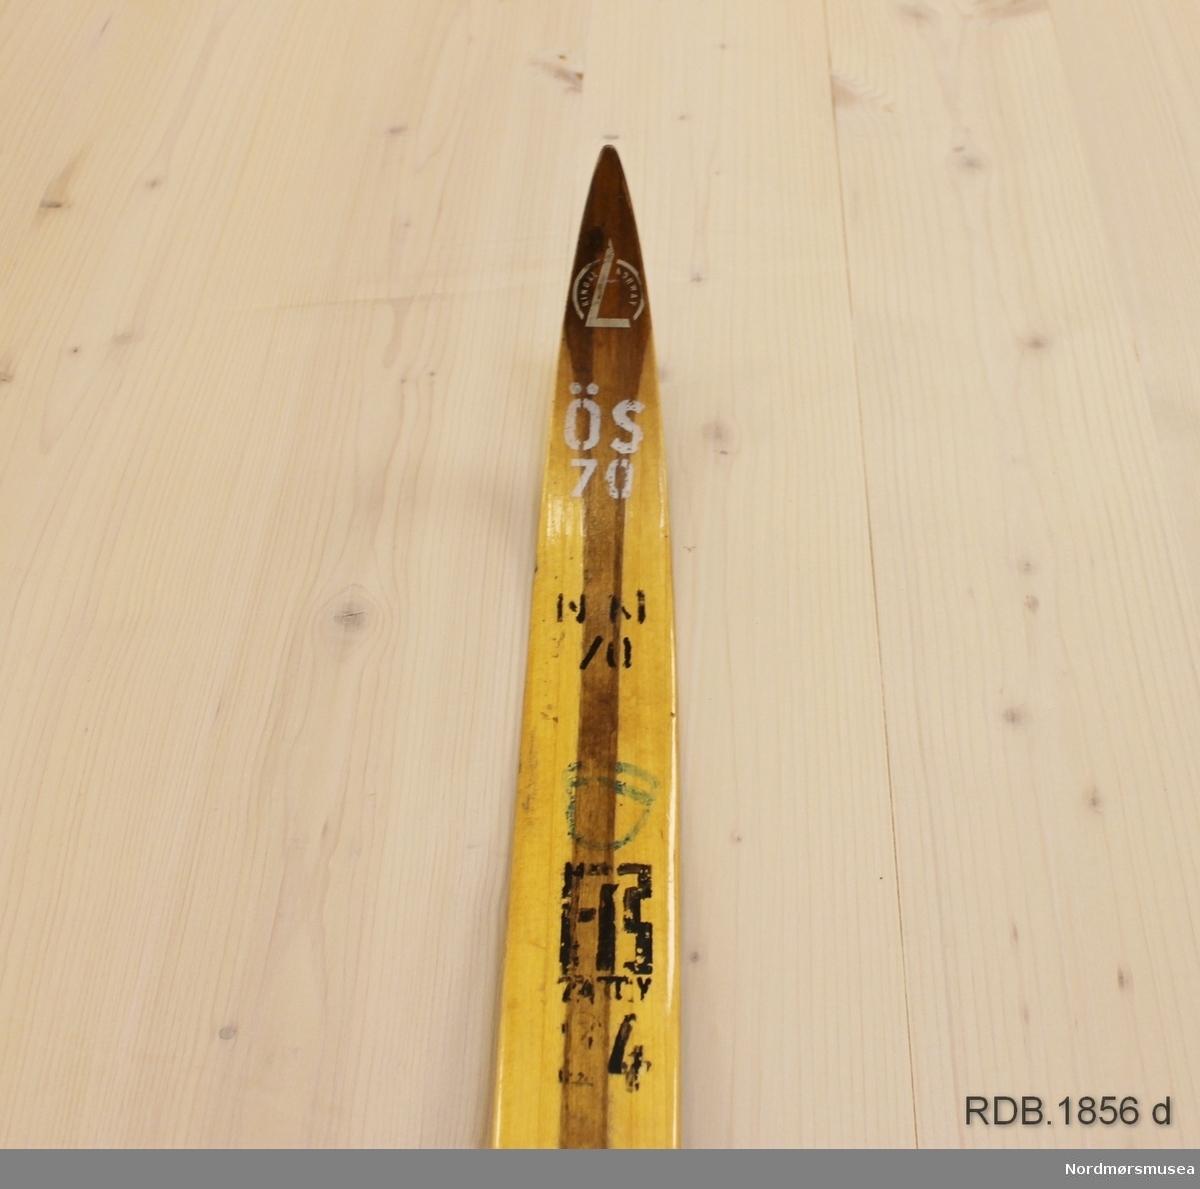 Tilnærmet jevnbred ski med svært liten bue. Bøy uten tupp. Svakt avfaset bakende med litt oppbøy. Dekorert med ei brun stripe på trehvit bunn.  Stempel og klistremerker fra 1970-sesongen på skiet.